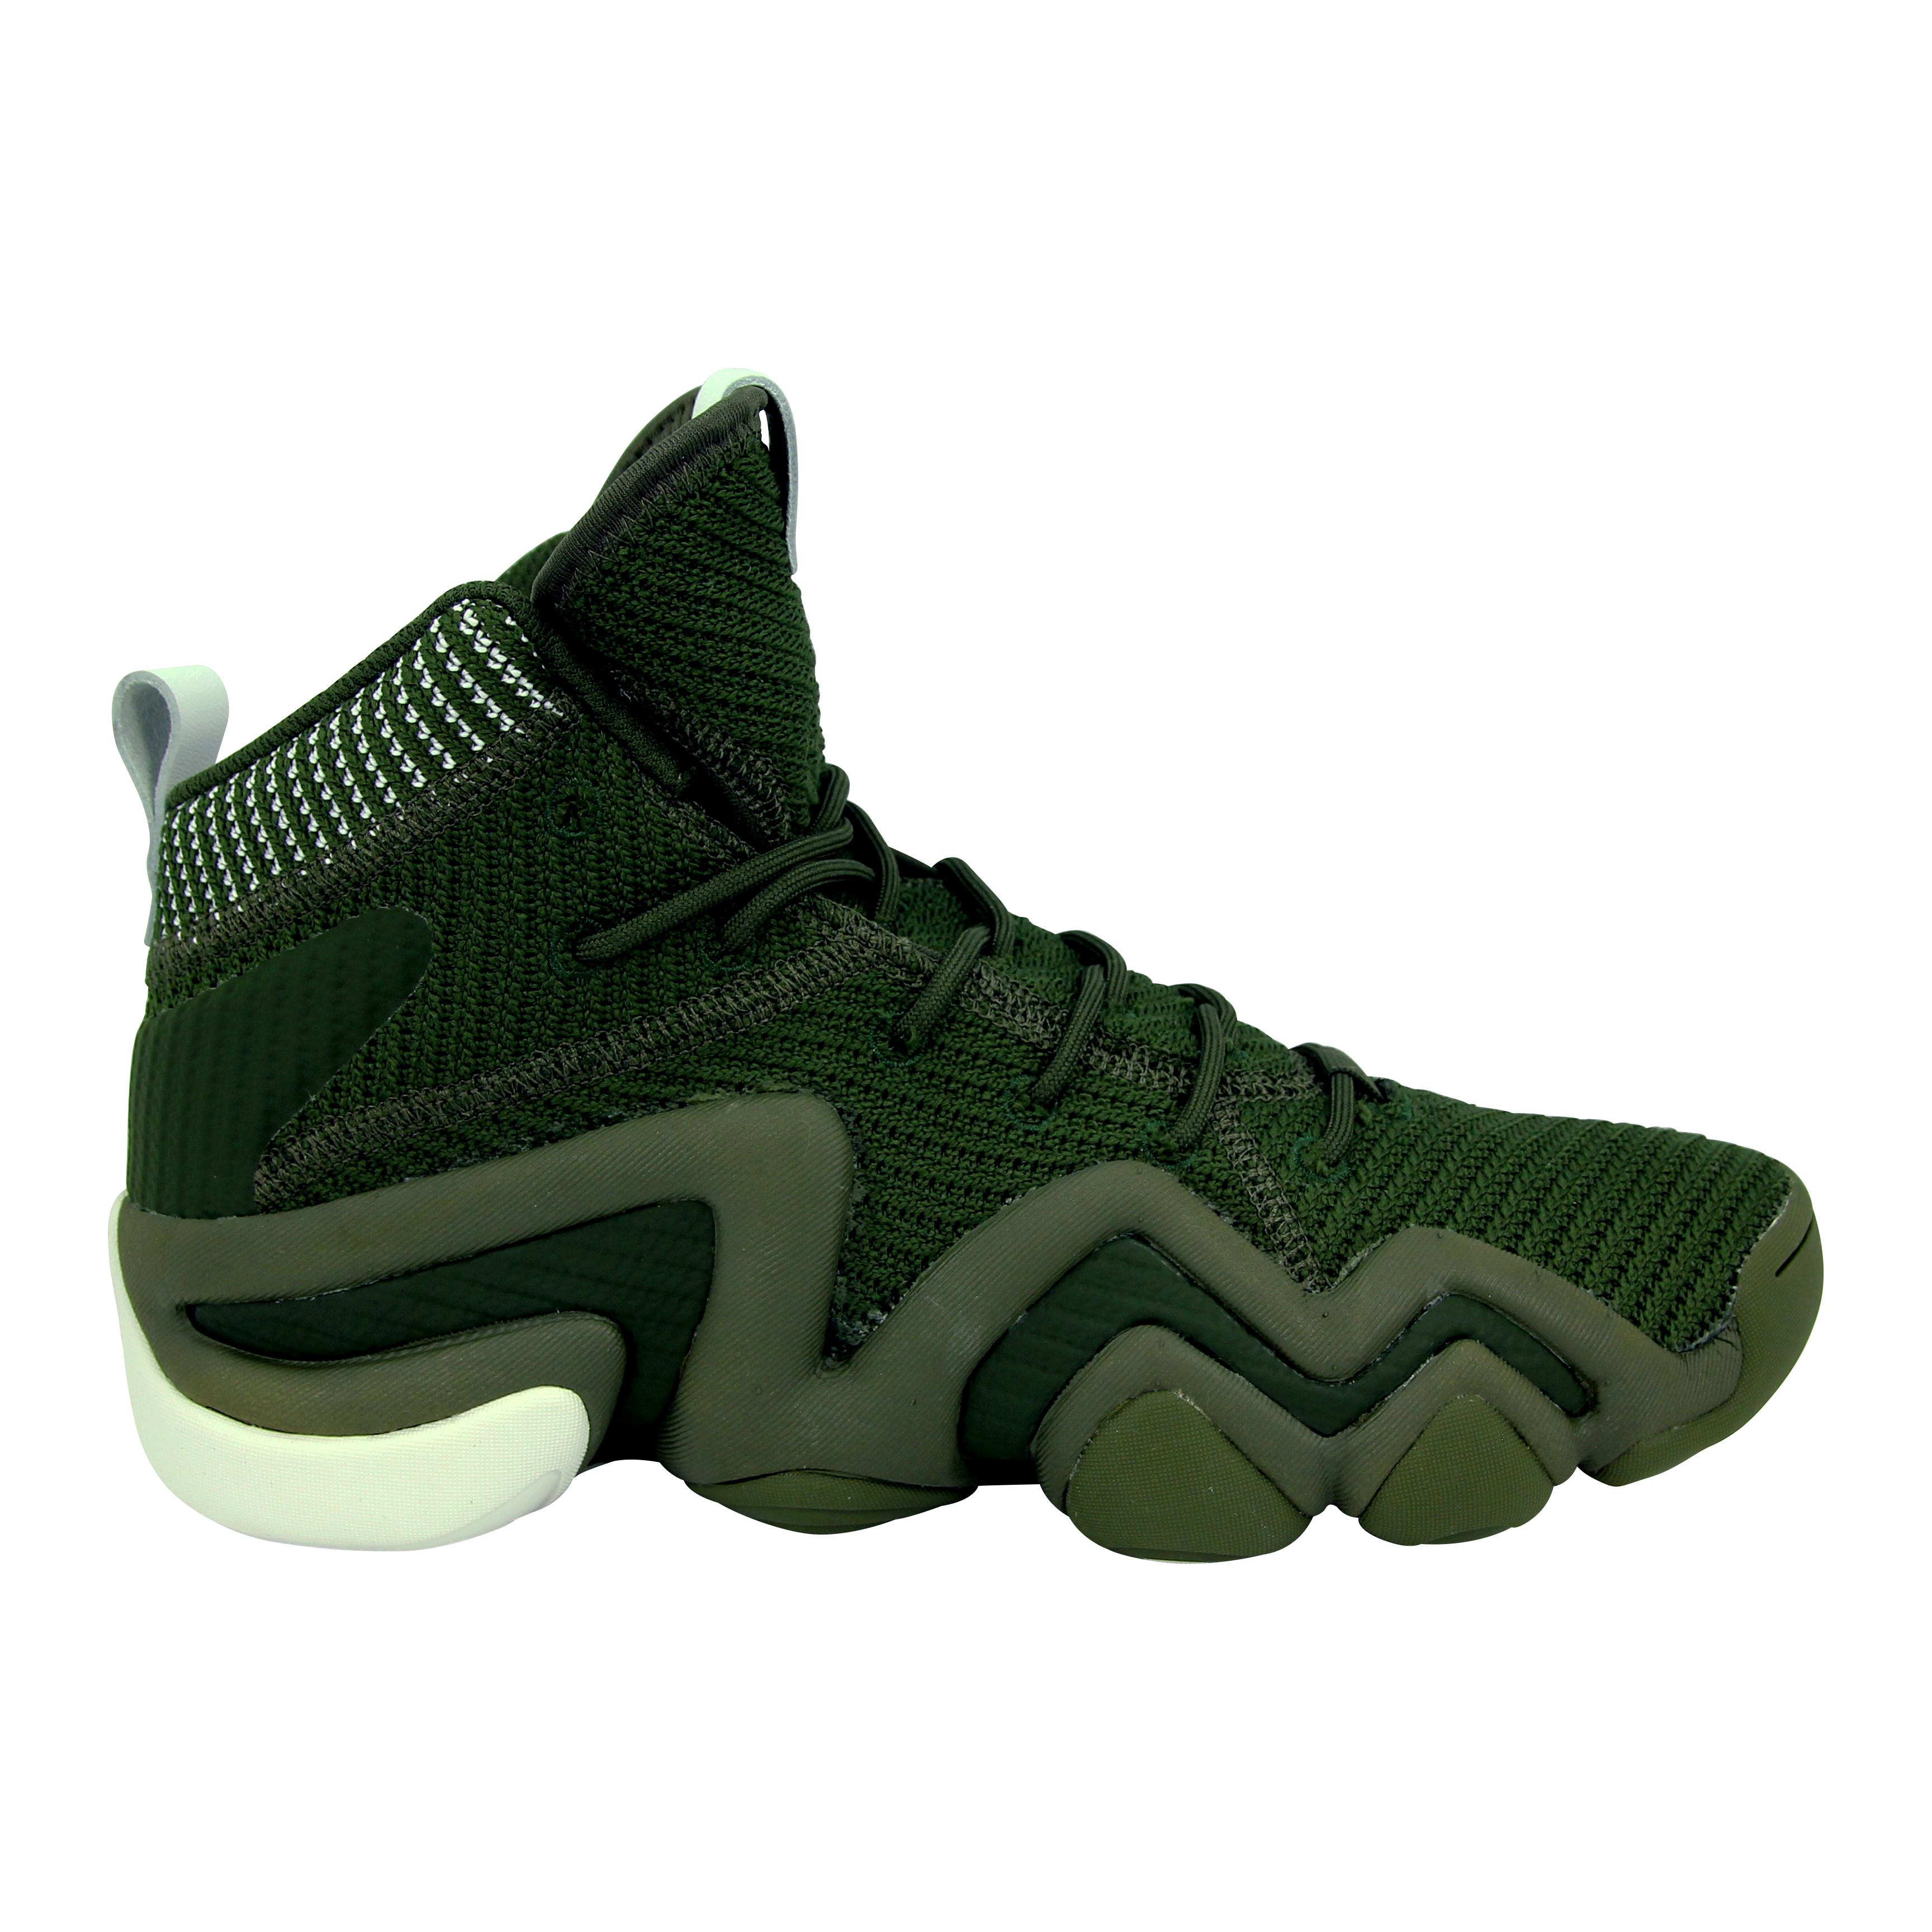 official photos f119a 37e66 adidas-Originals-CRAZY-8-ADV-PRIMEKNIT-Men-Sneakers-